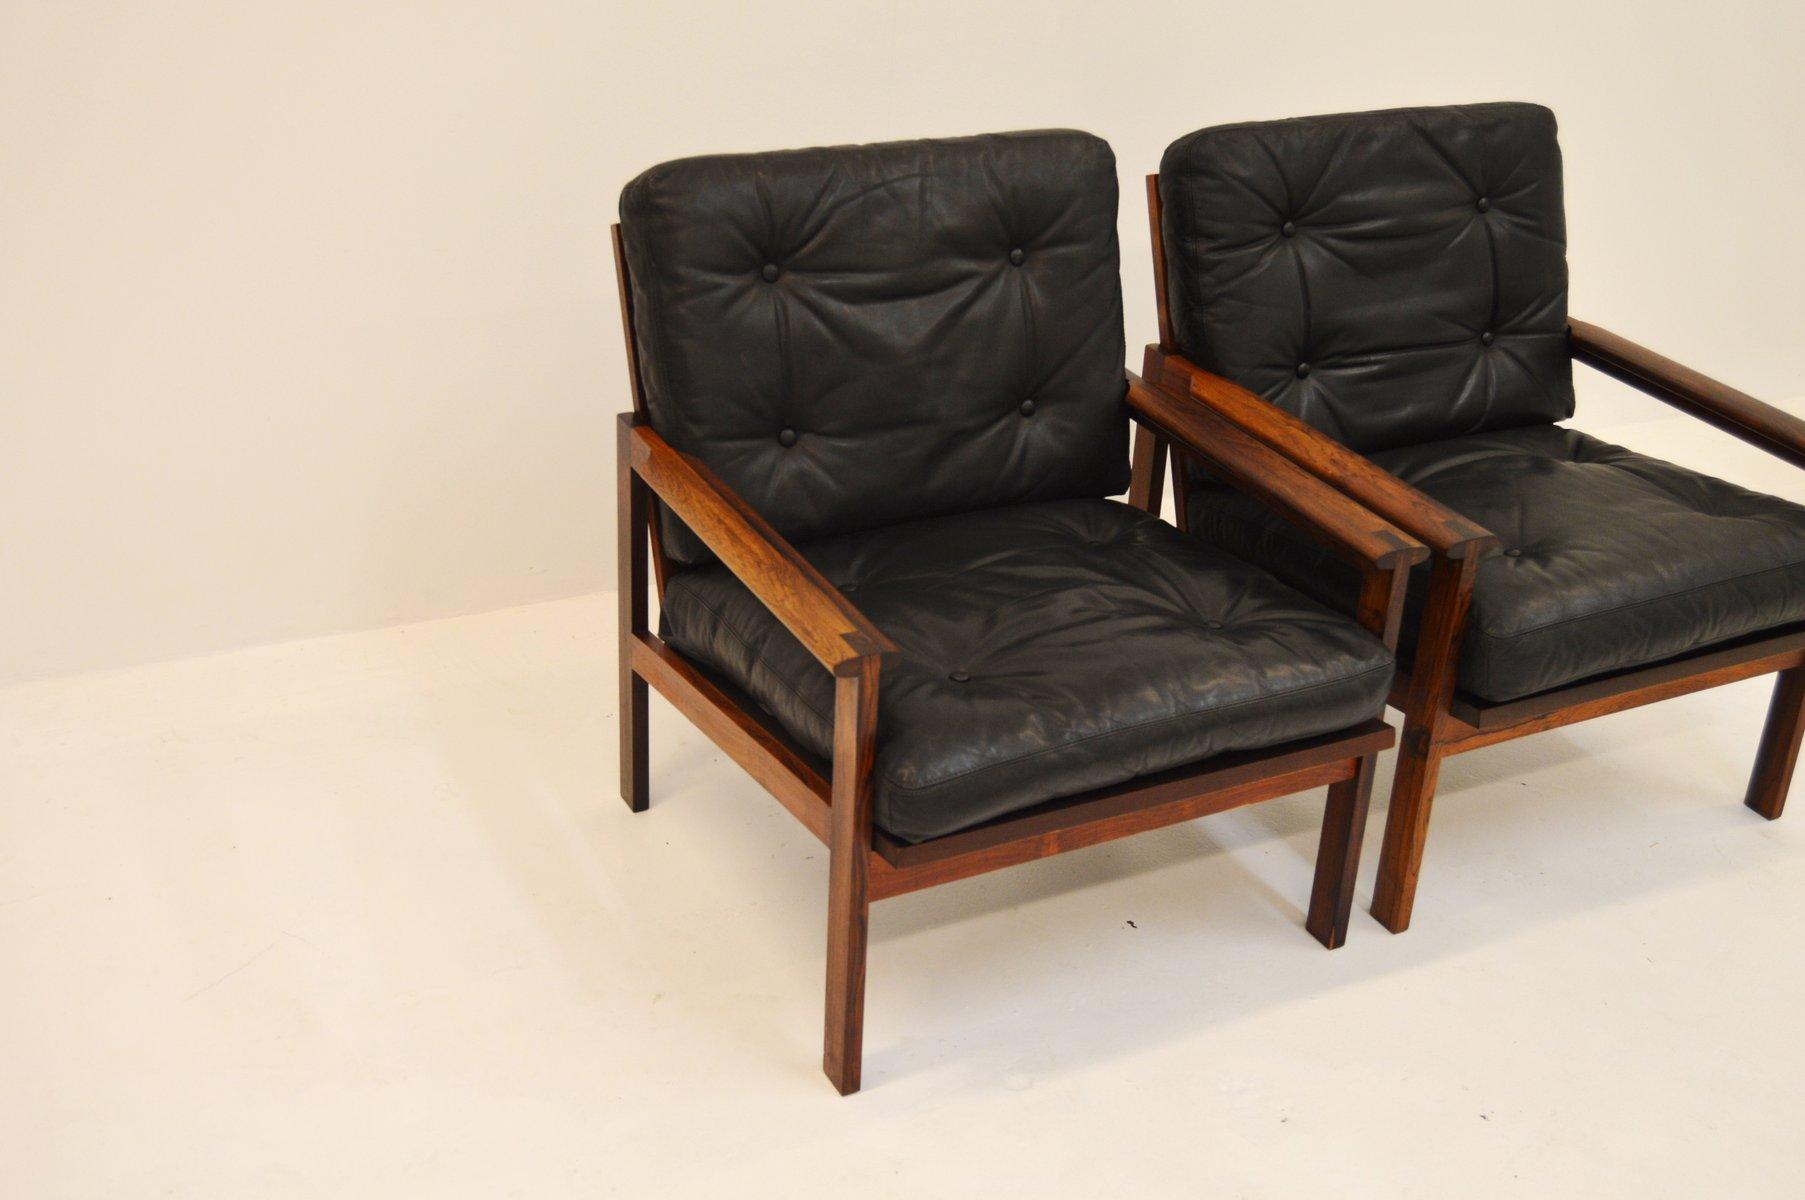 vintage sessel und hocker aus palisander von illum wikkels f r niels eilersen bei pamono kaufen. Black Bedroom Furniture Sets. Home Design Ideas